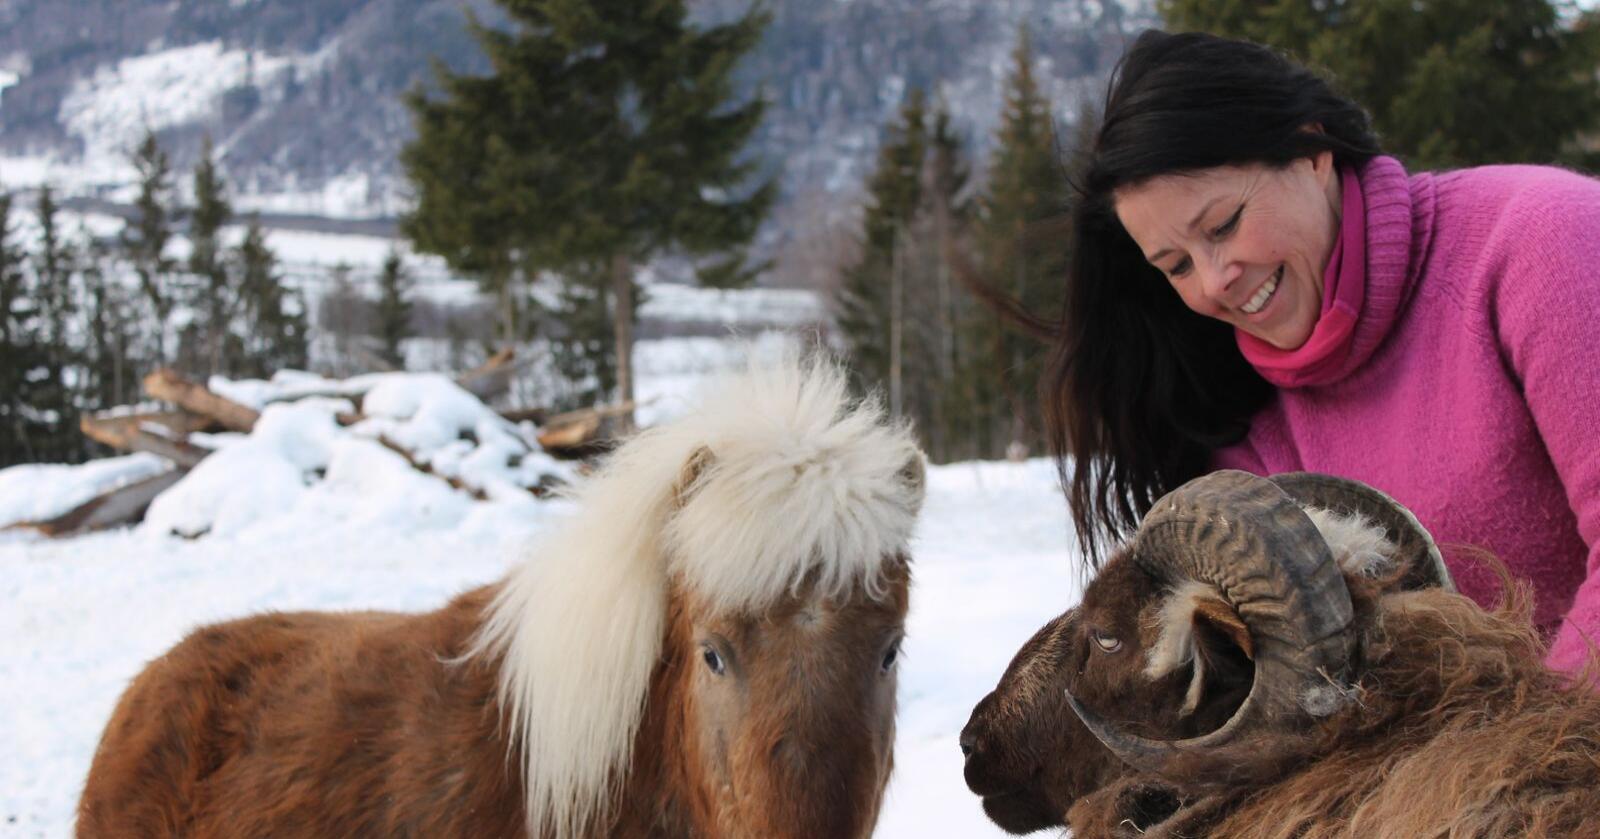 Marita Aanekre har et Inn på tunet-tilbud i Gudbrandsdalen. Her er hun sammen med to av medhjelperne sine. Foto: Marit Glærum